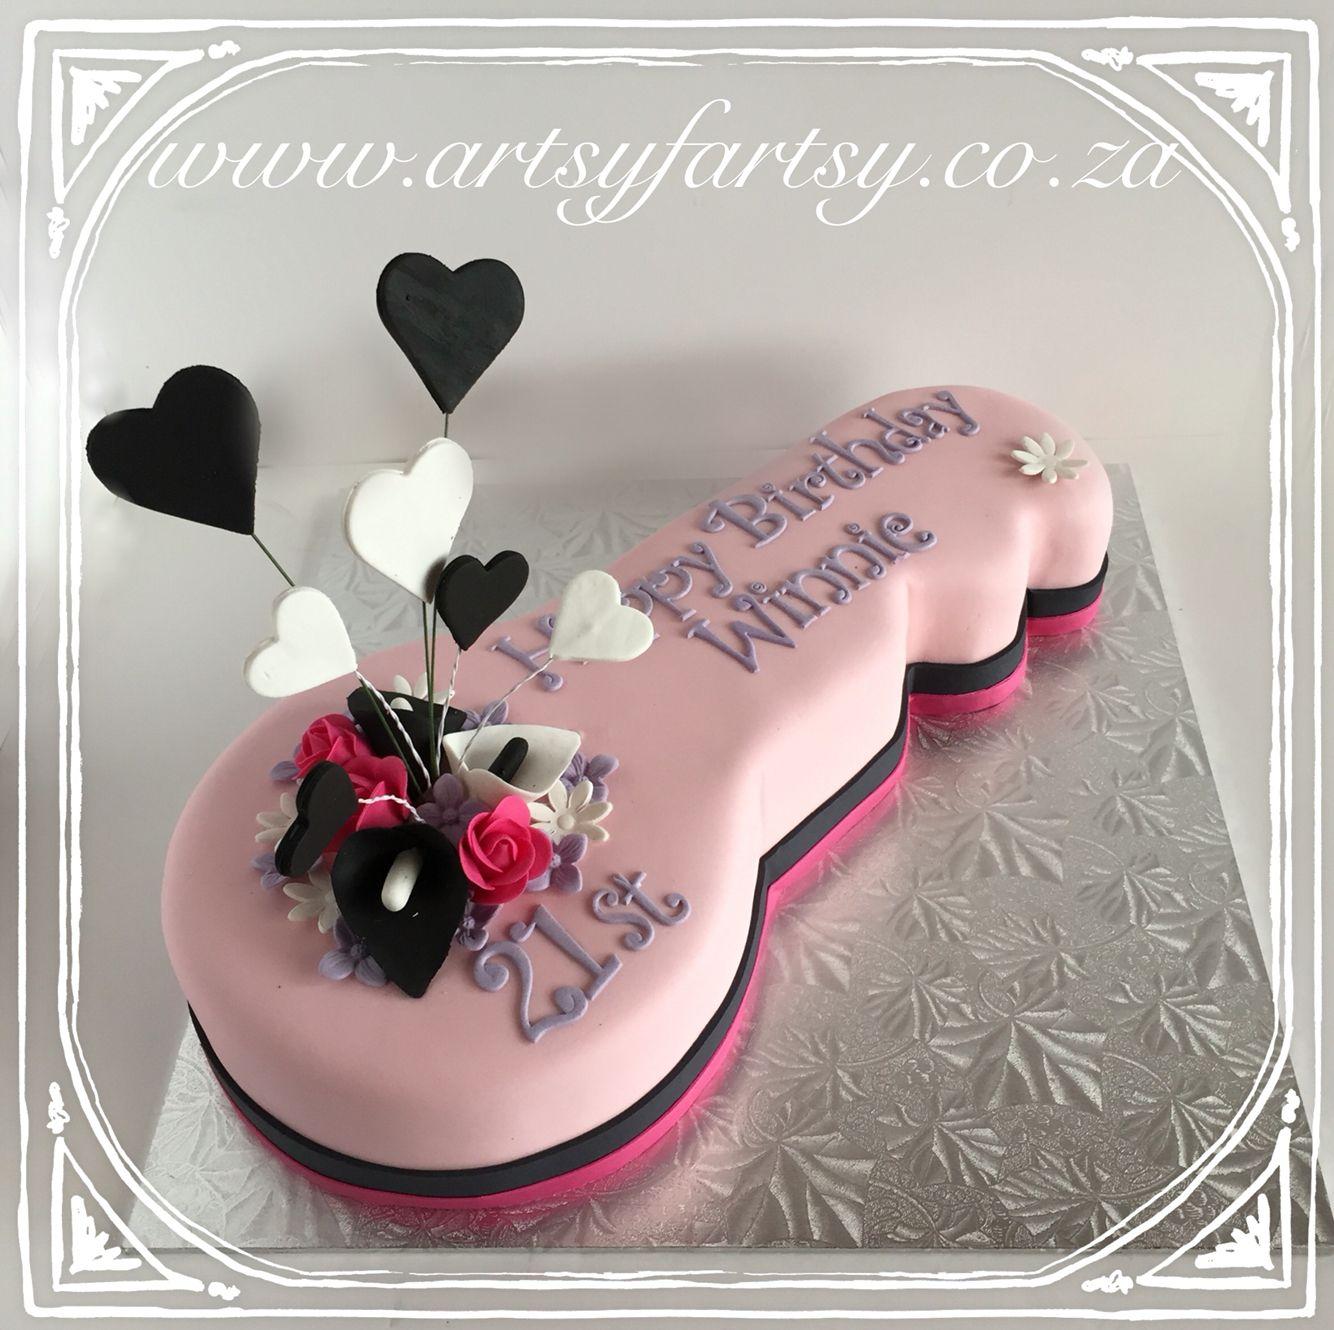 21st Birthday Key Cake 21stbirthdaykeycake